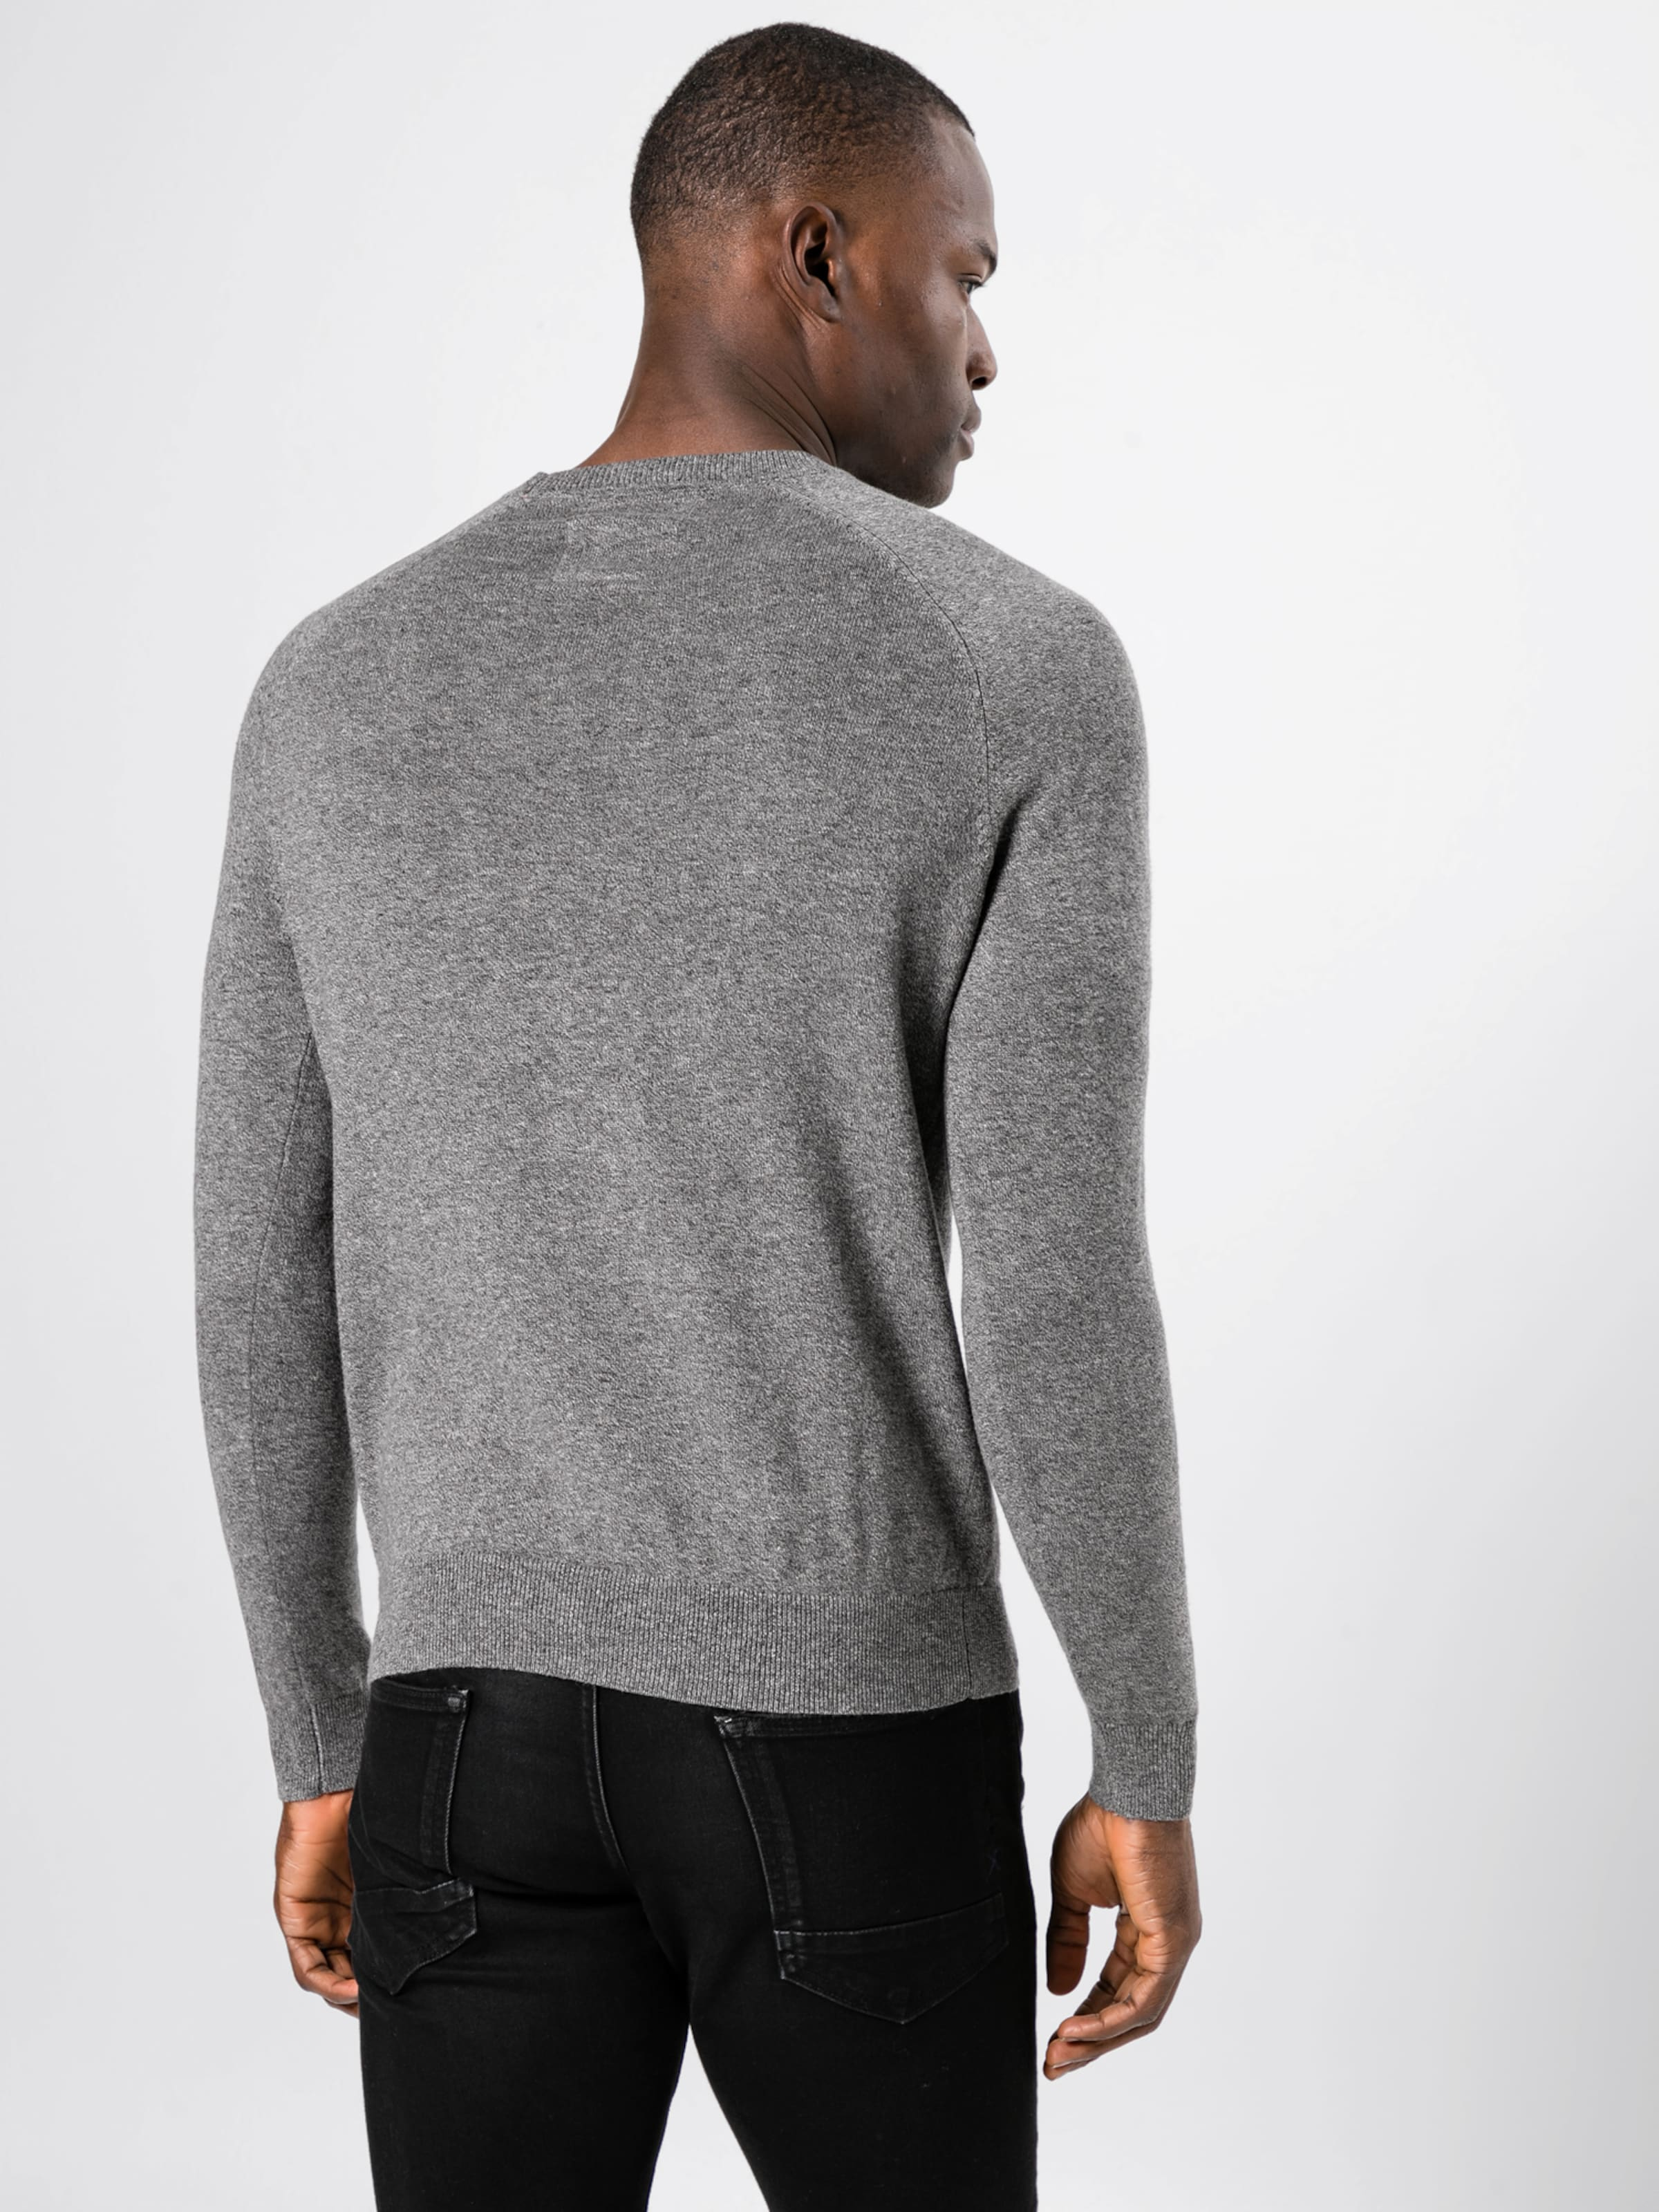 Label Superdry Crew' Grau 'orange Cotton Pullover In OPuTwkZXi